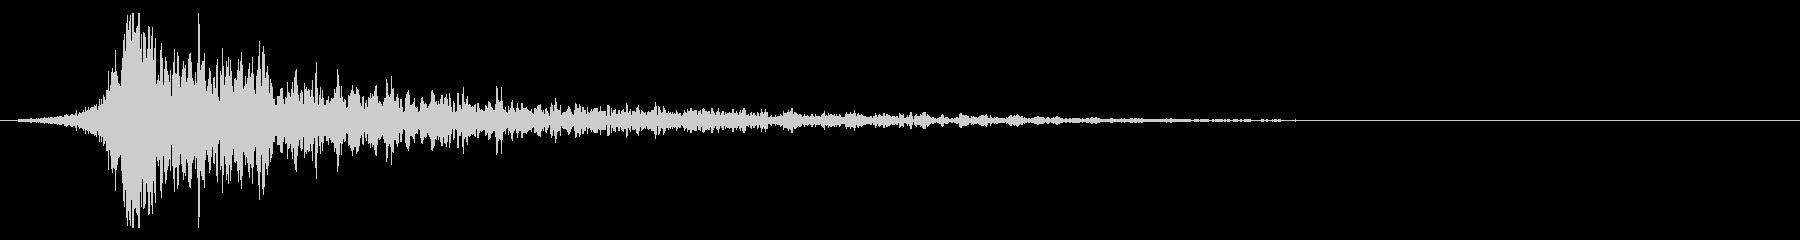 シュードーン-33-2(インパクト音)の未再生の波形